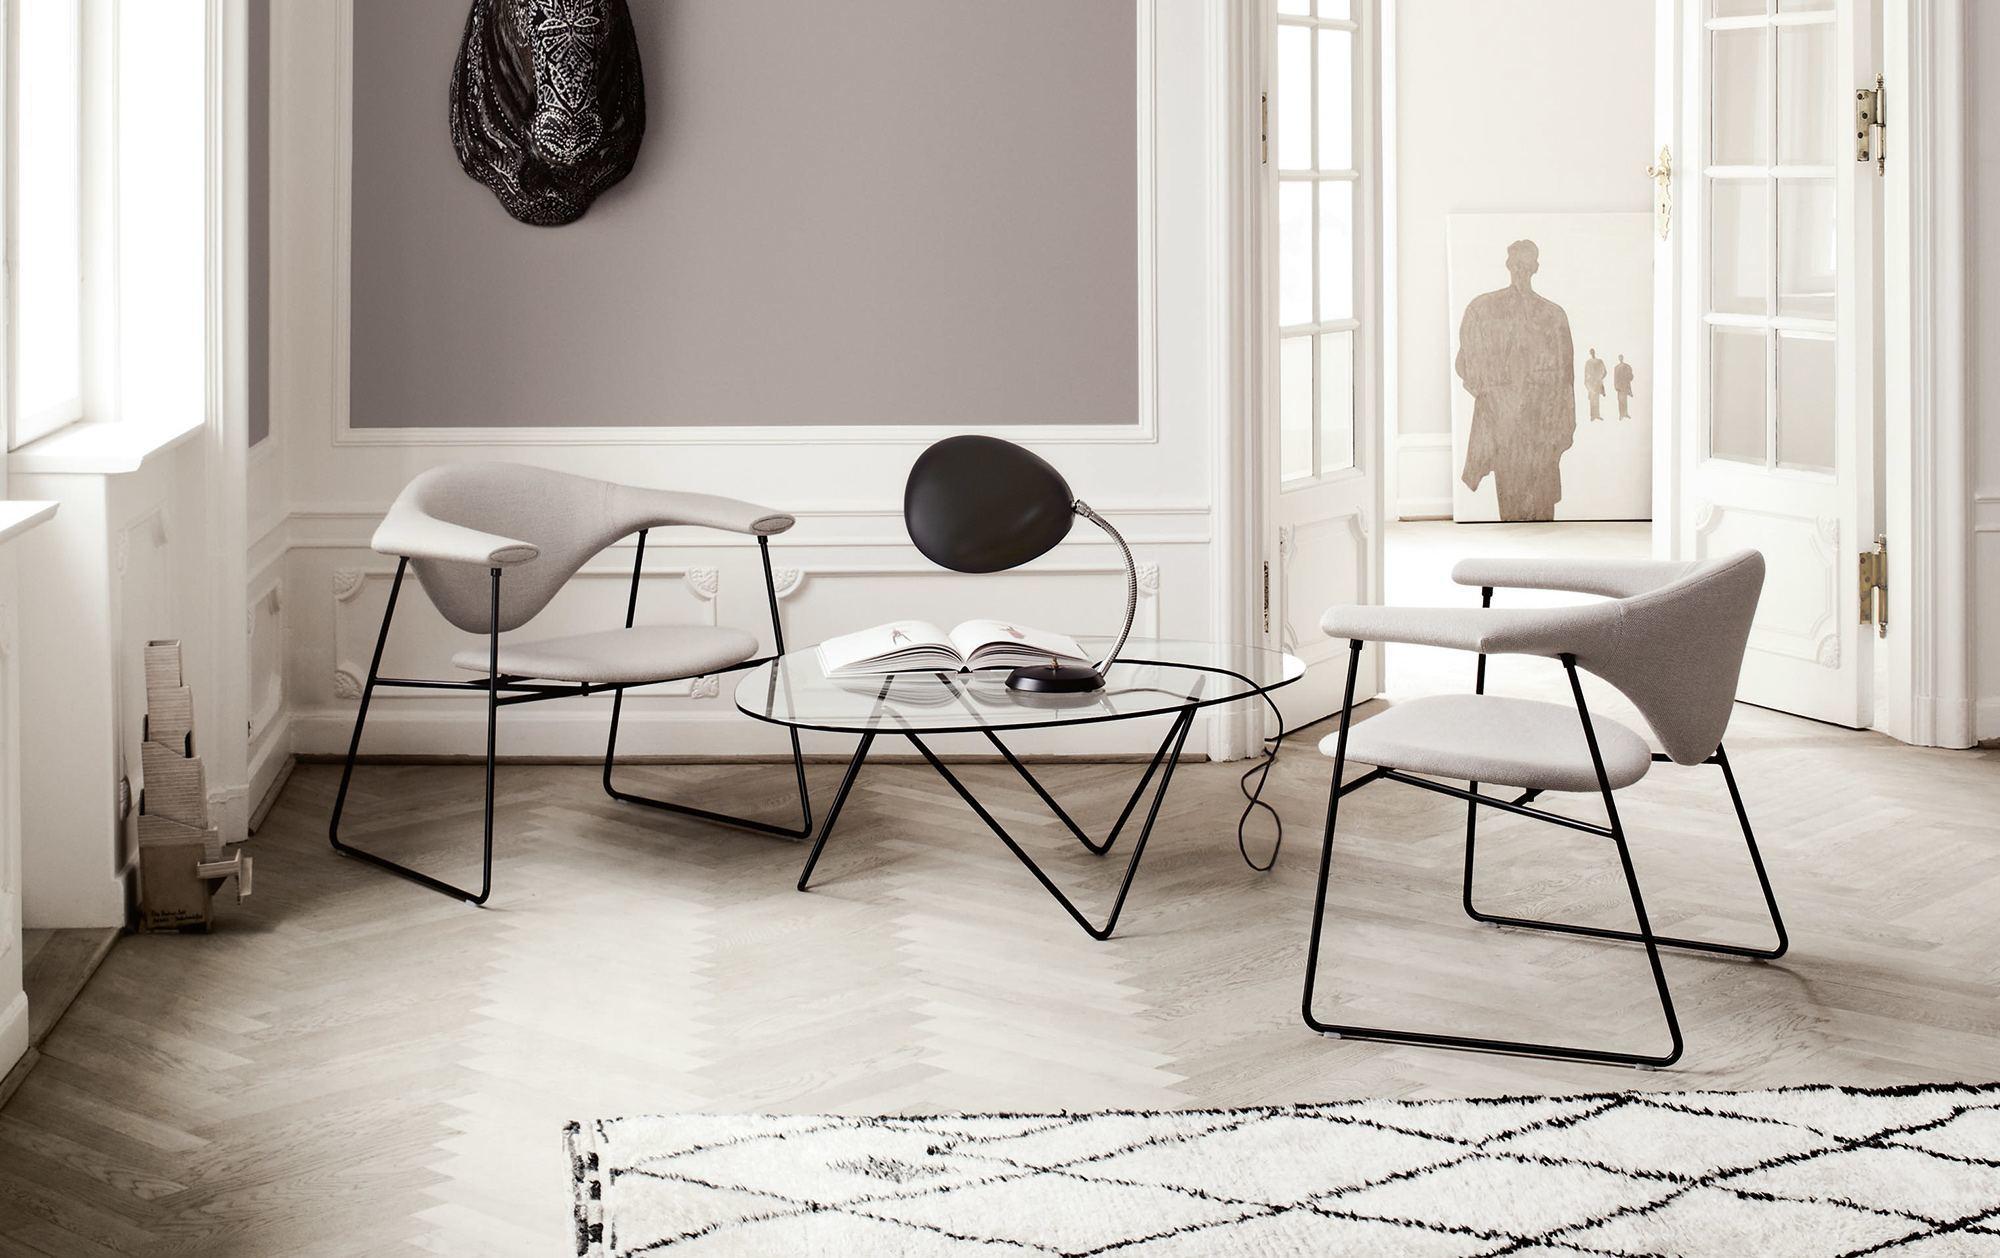 #342B2422344912 Design Meubelen Interieur Plus Van de bovenste plank Design Meubelen Winkels 1963 beeld 200012581963 Inspiratie